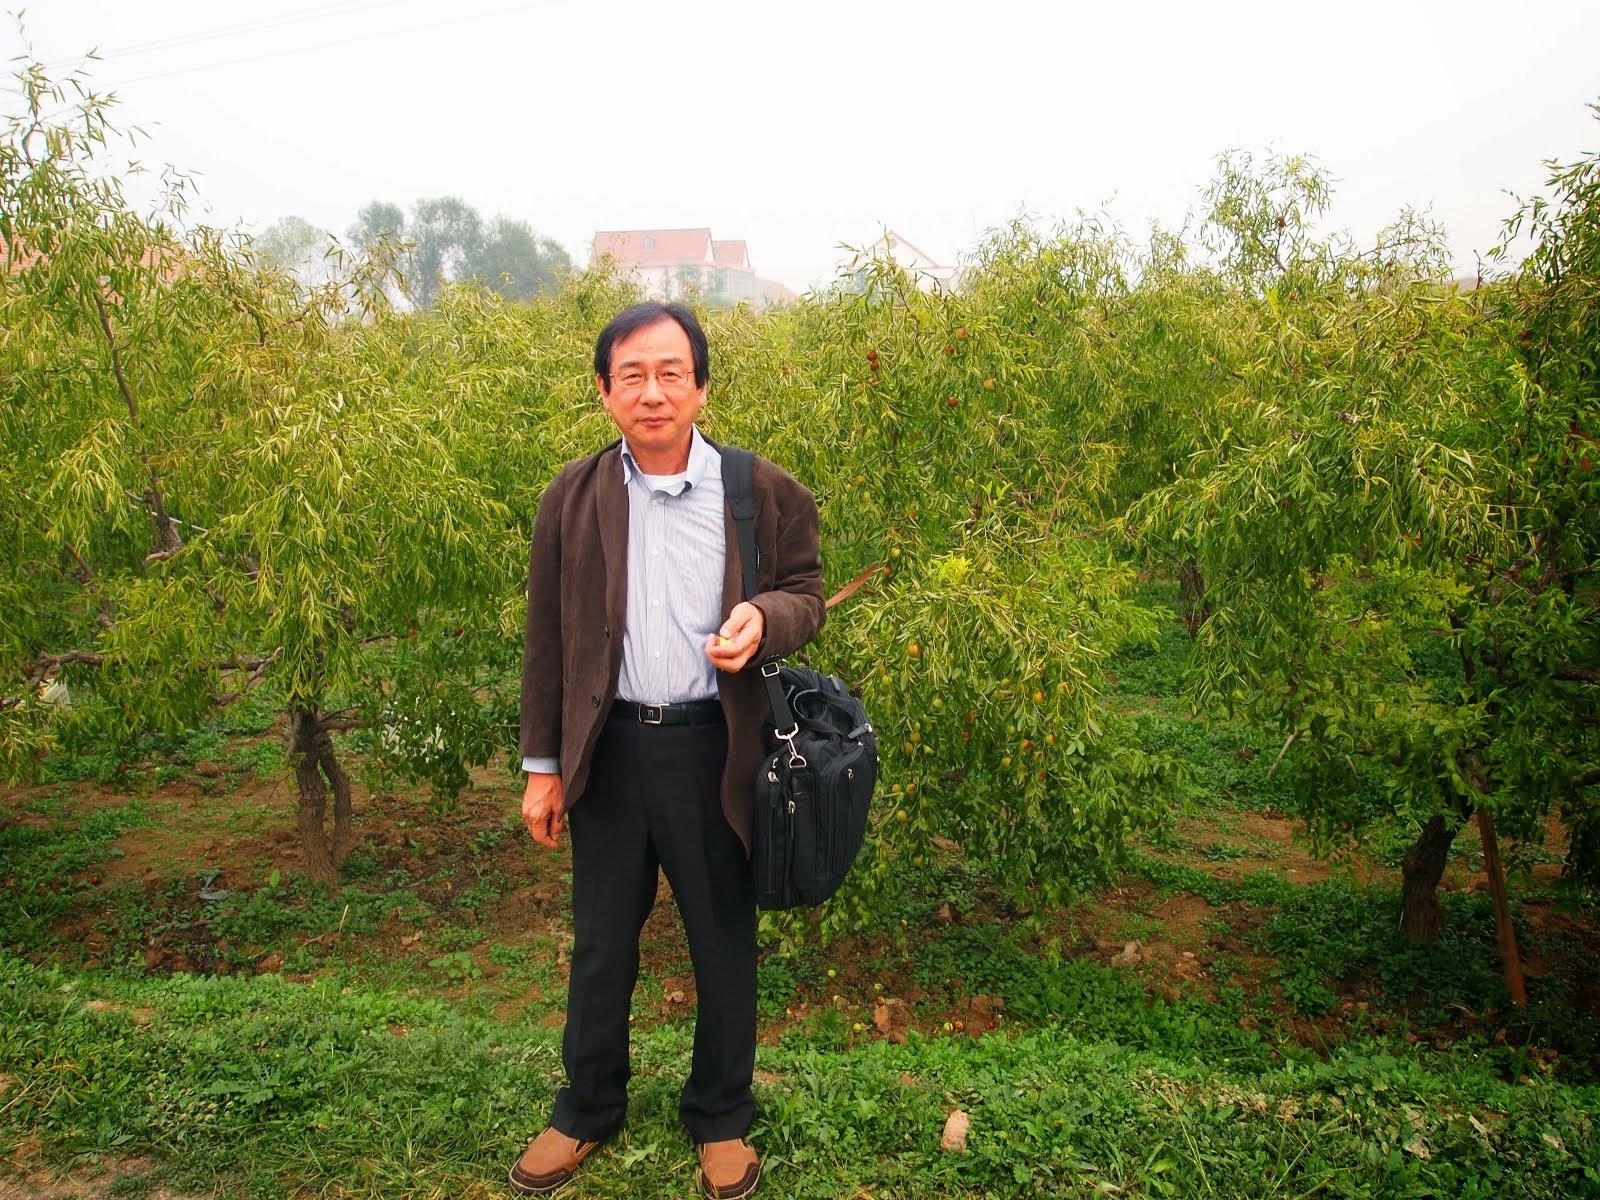 冬ナツメ畑にて。2012年10月。